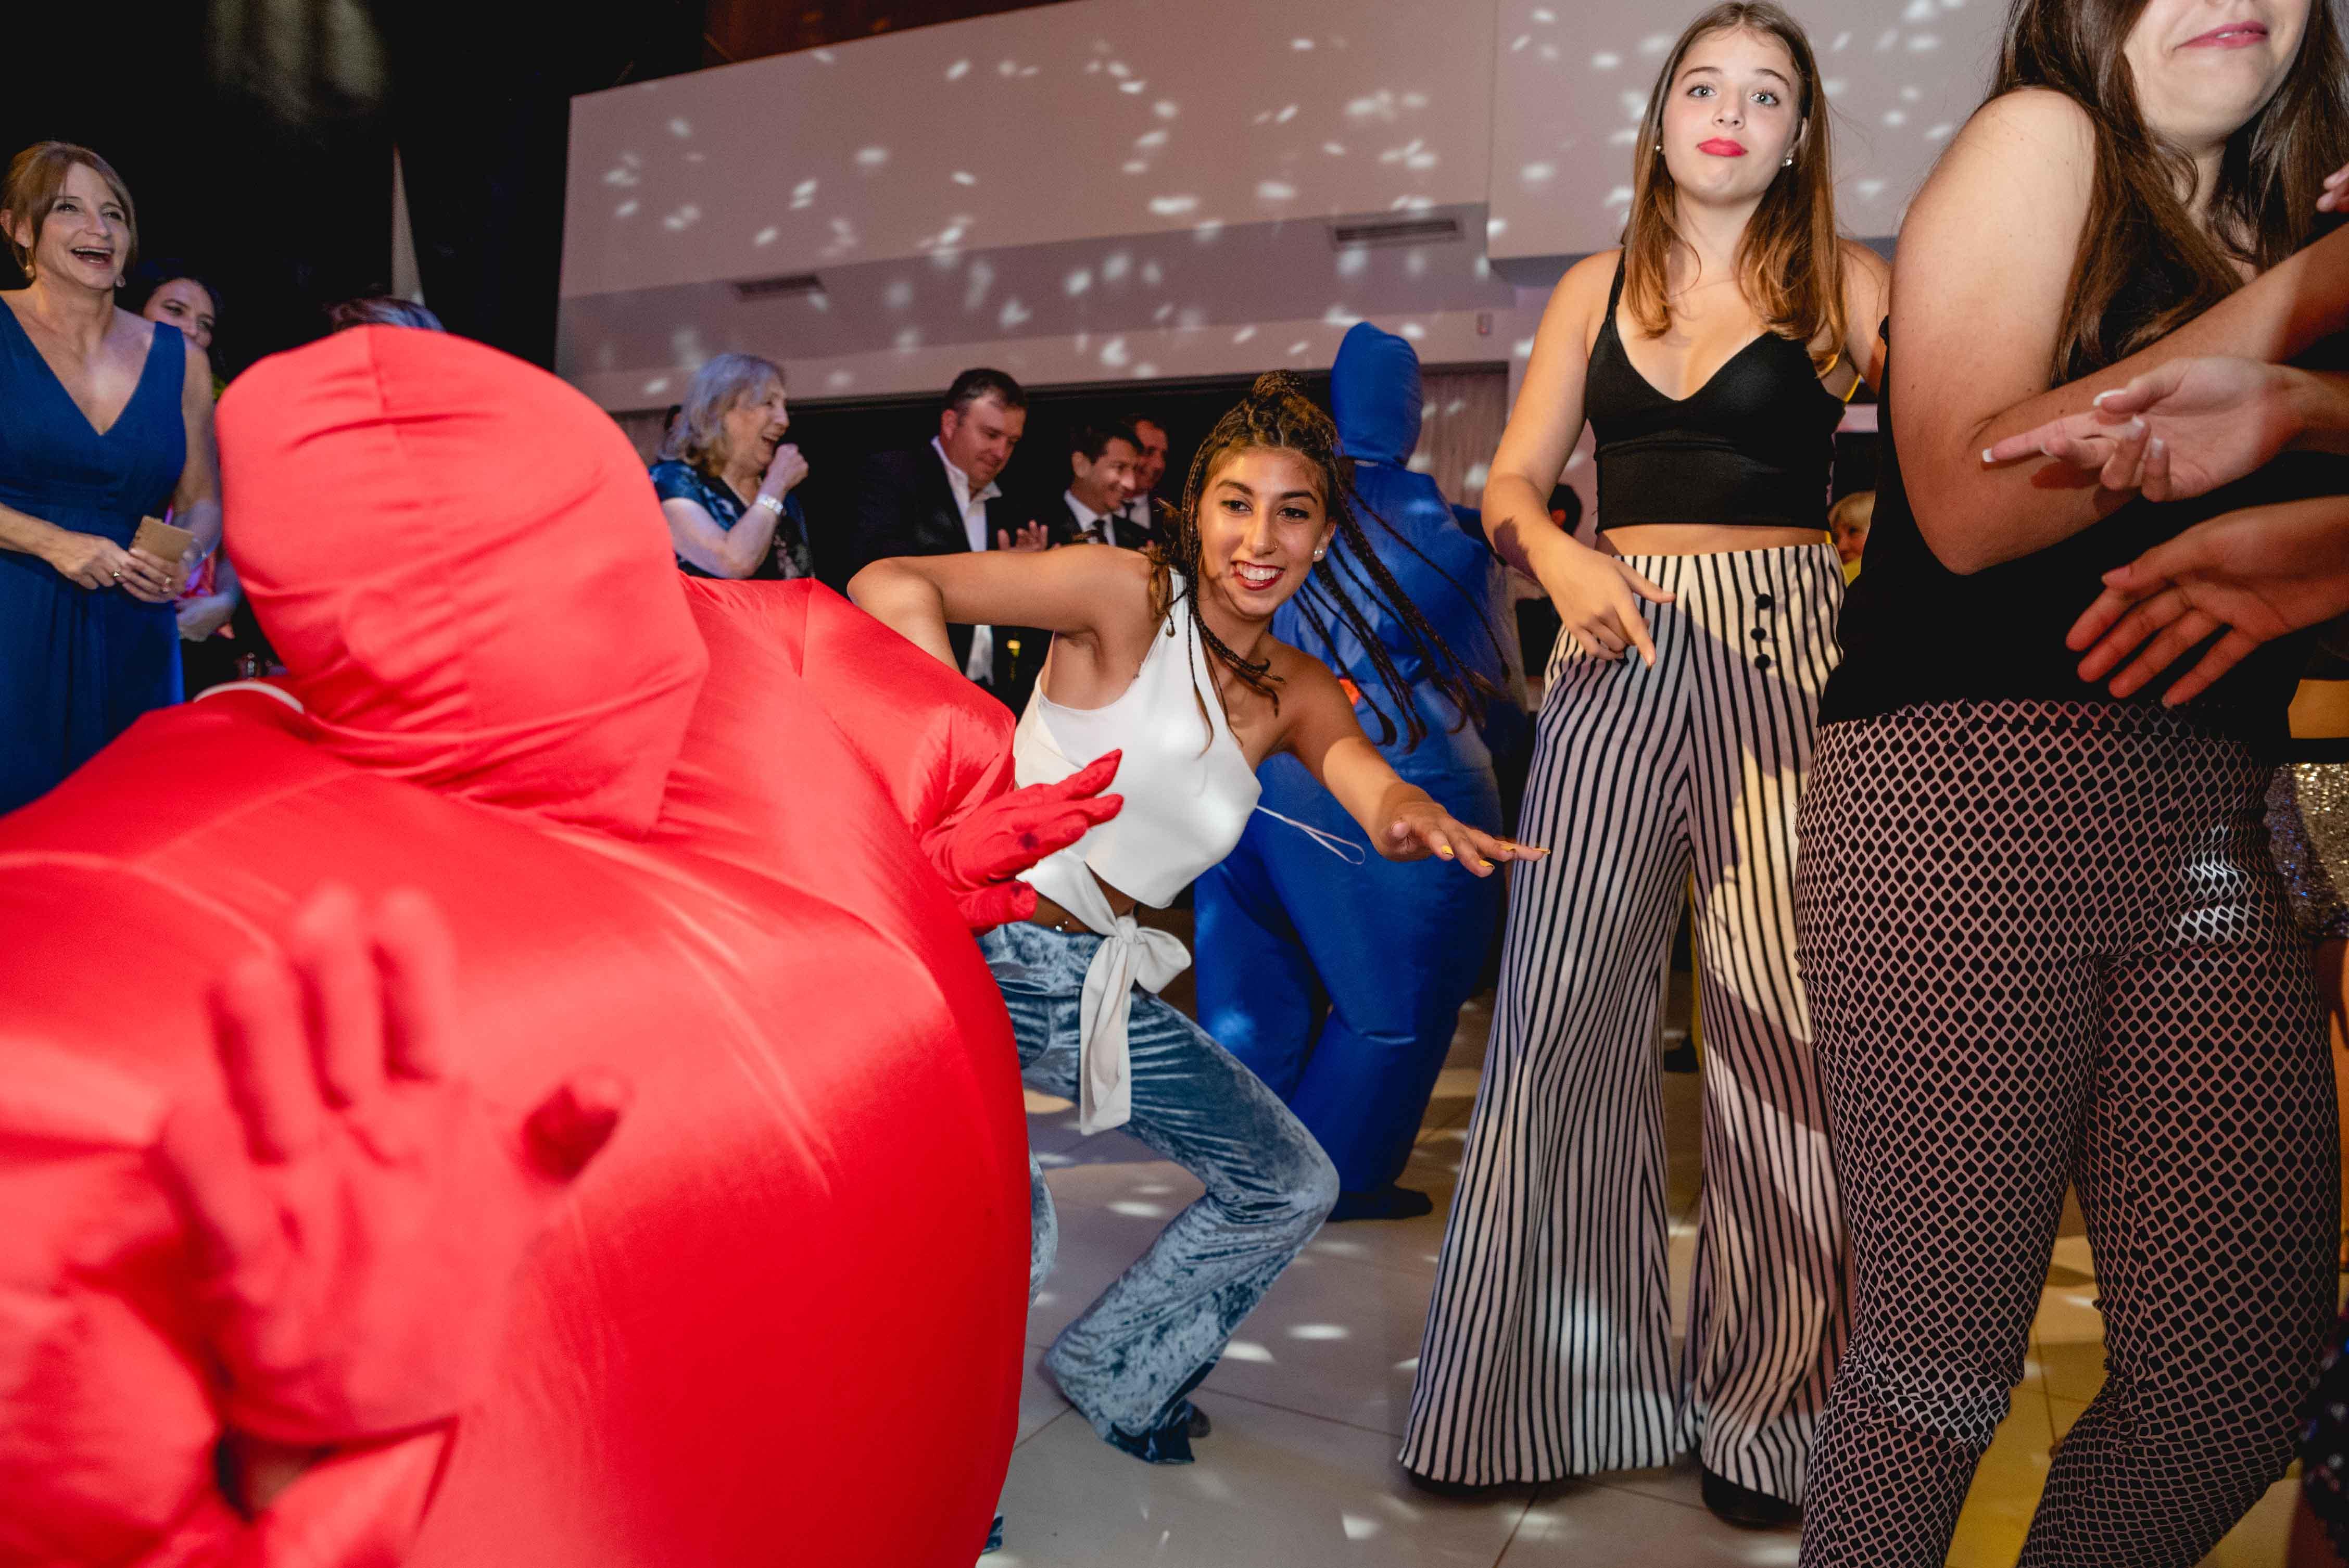 Fotos de la fiesta de quince de Ines en Rosario realizadas por Bucle Fotografias Flor Bosio y Caro Clerici.